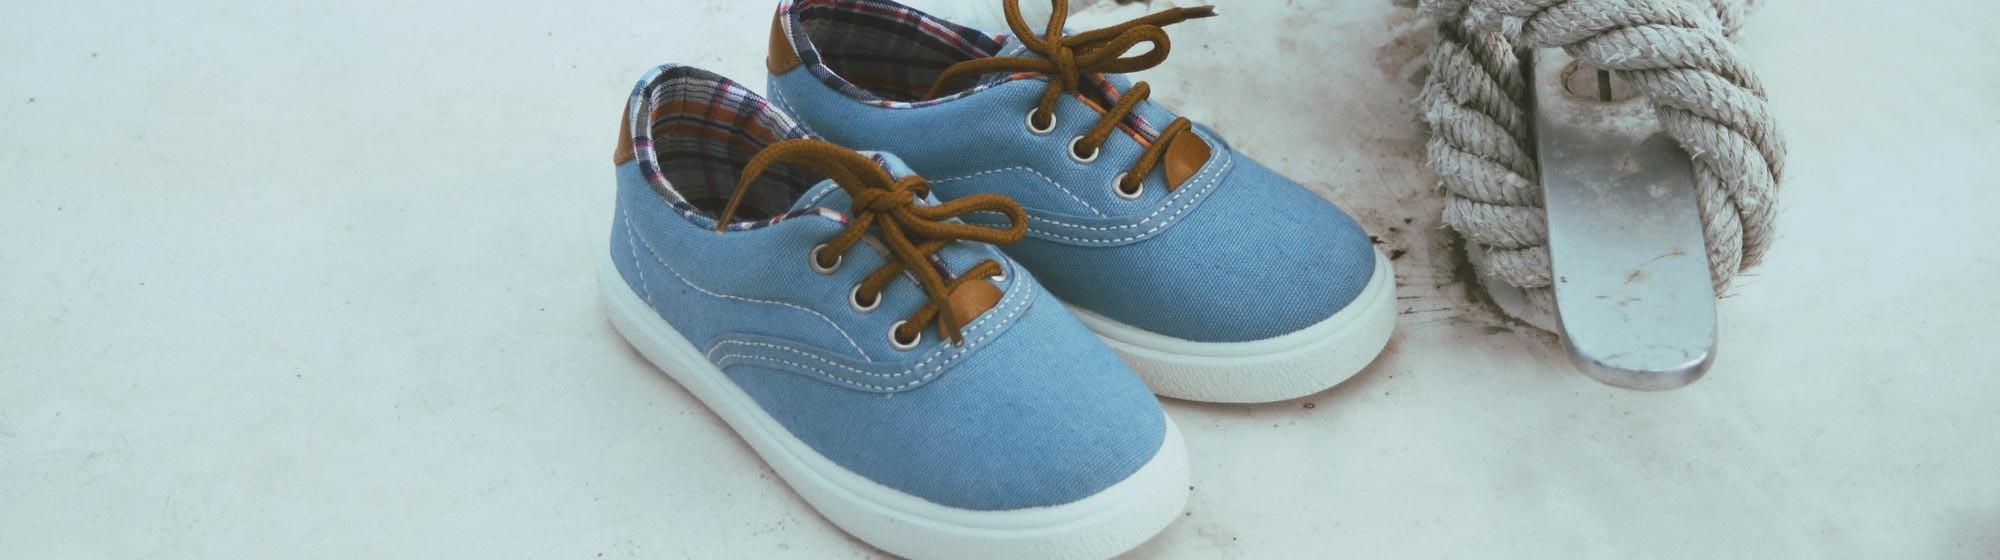 1e0666104 Zapatos para Niño